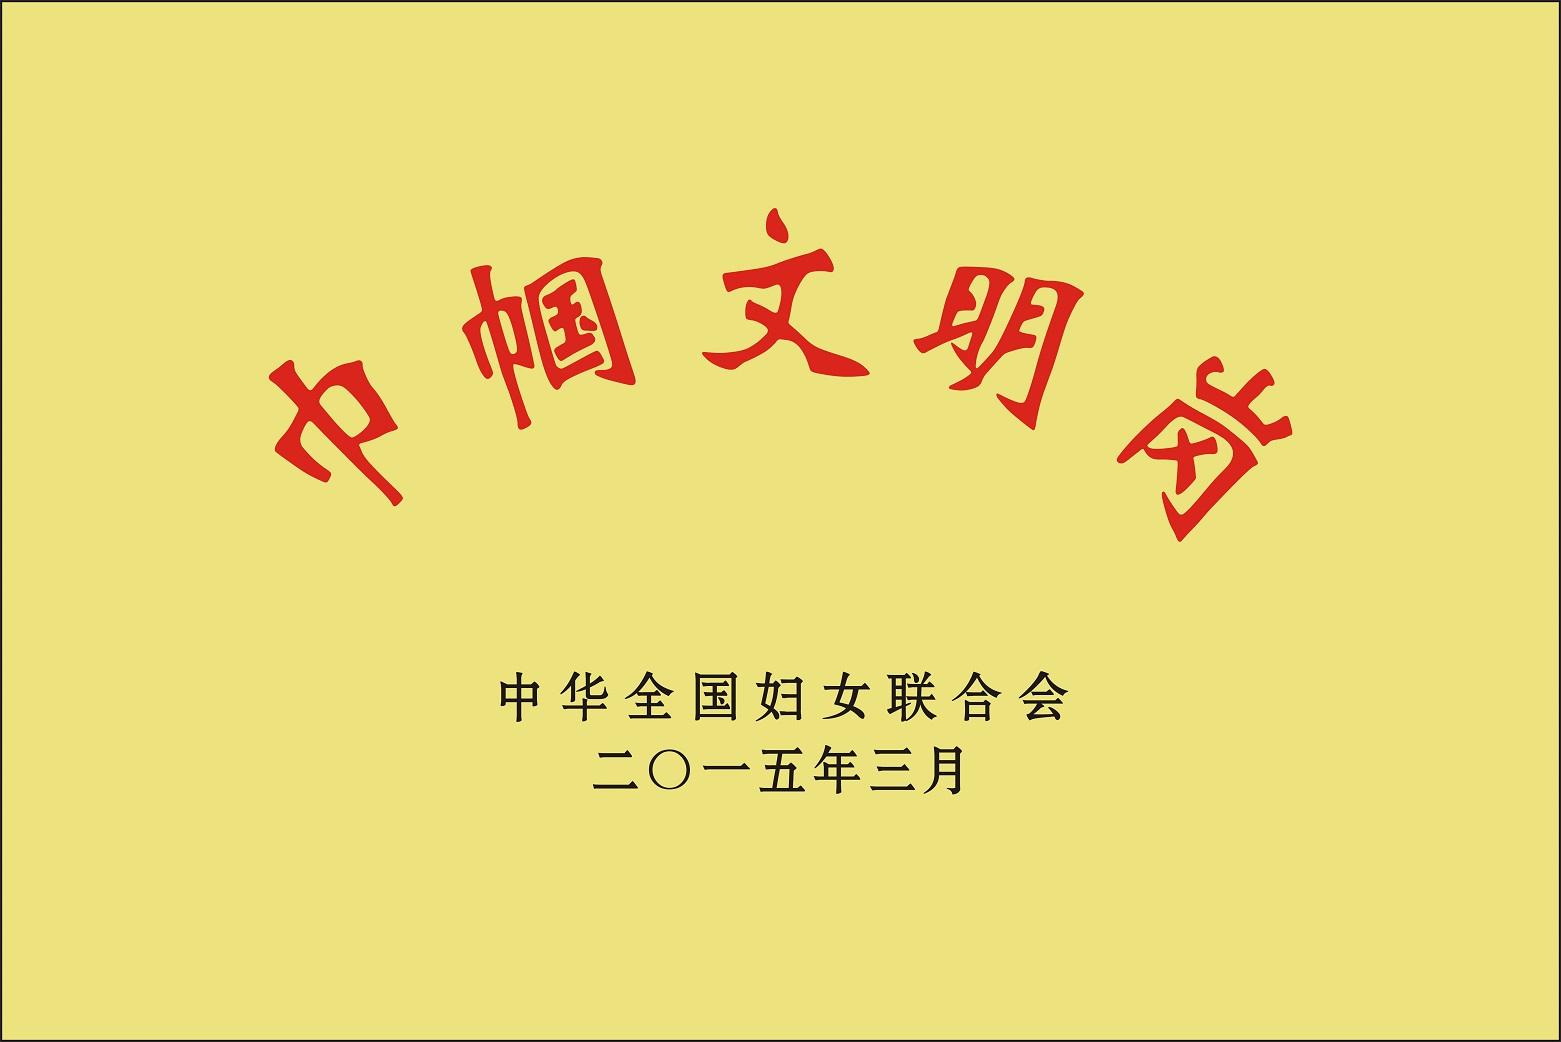 浙江省服务行业优秀诚信企业